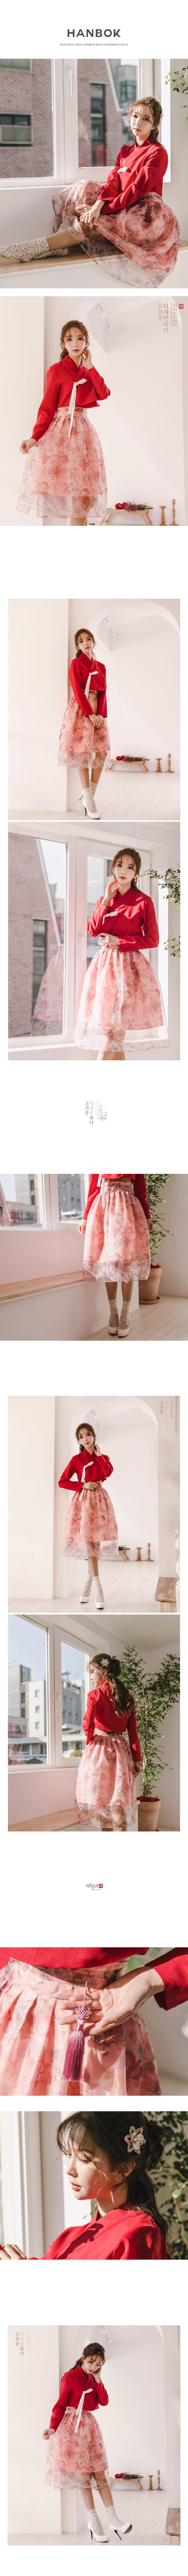 생활한복세트 화인화+이화113,900원-츄샵패션의류, 생활한복, 생활한복, 여성한복바보사랑생활한복세트 화인화+이화113,900원-츄샵패션의류, 생활한복, 생활한복, 여성한복바보사랑